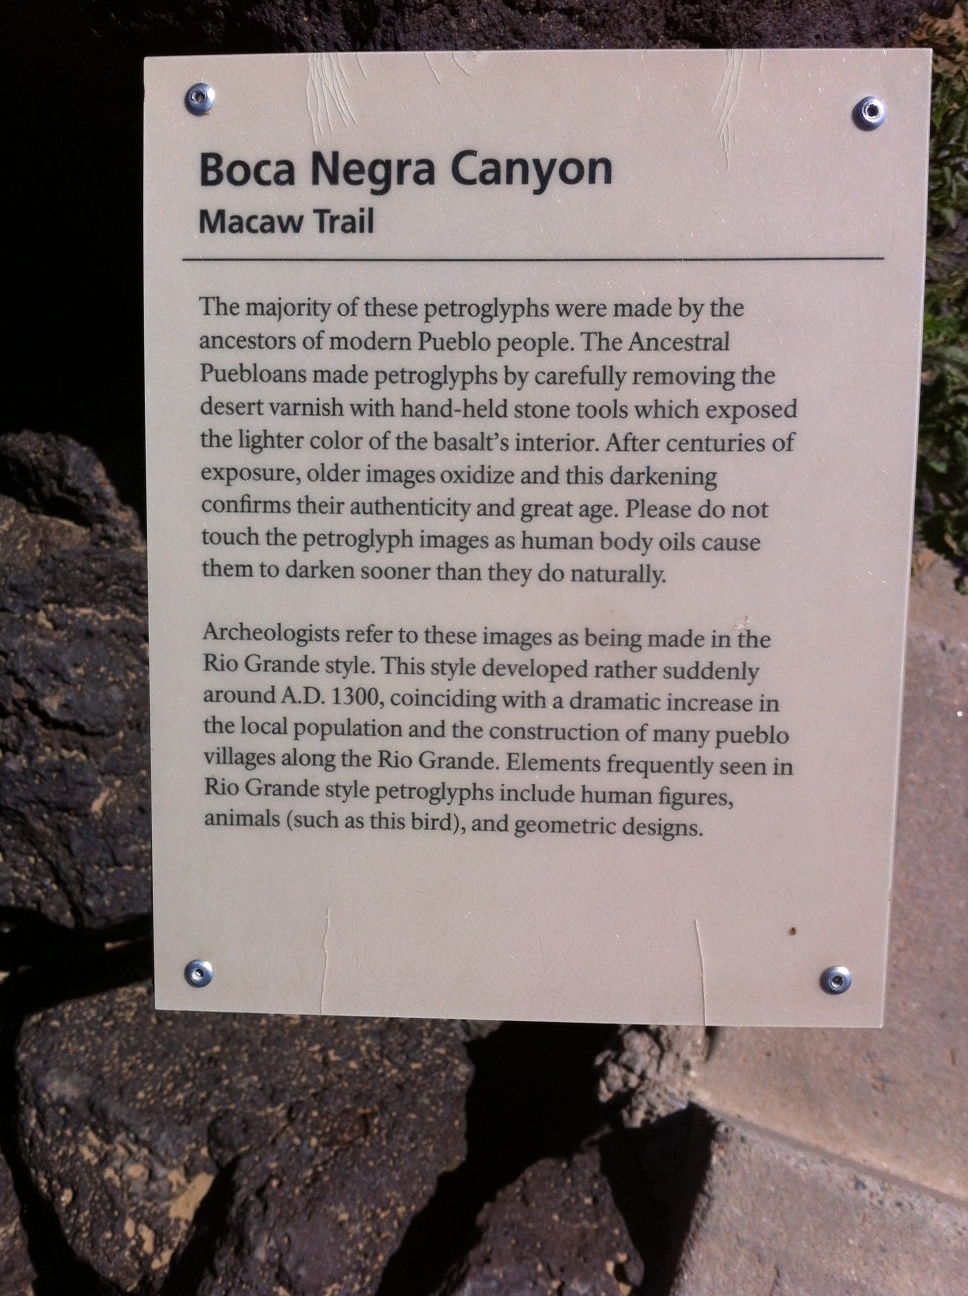 Macaw Trail